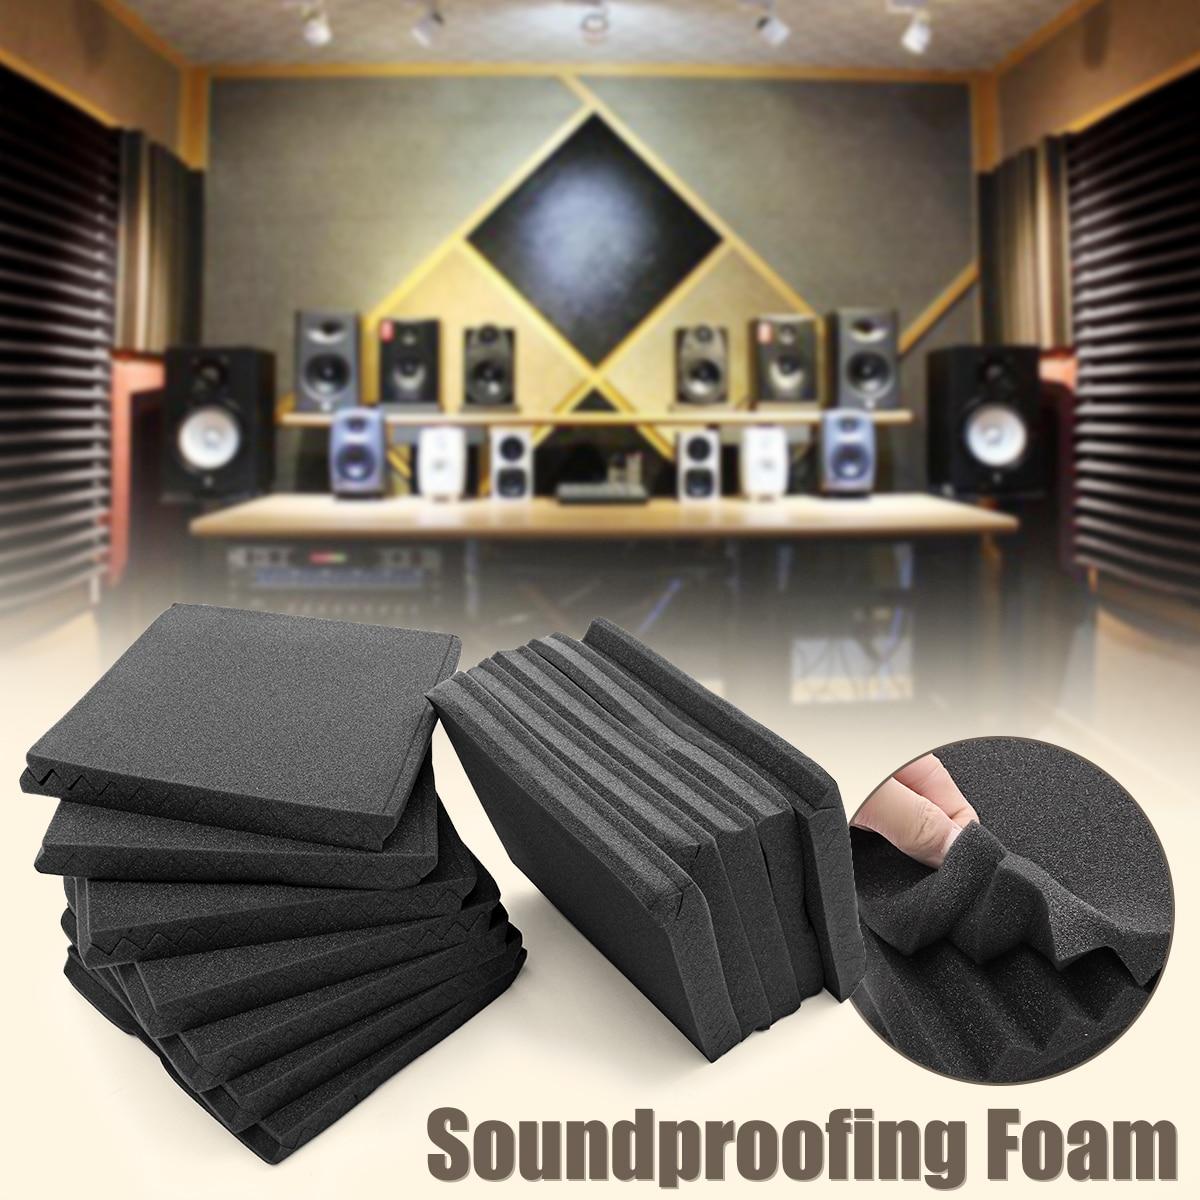 24Pcs 30x30cm Soundproofing Foam Acoustic Foam Sound Treatment Studio Room Noise Absorption Wedge Tiles Polyurethane Foam 12x soundproofing foam acoustic absording treatment foams home wall car wedge tiles studio foam ktv studio noise sponge foam us